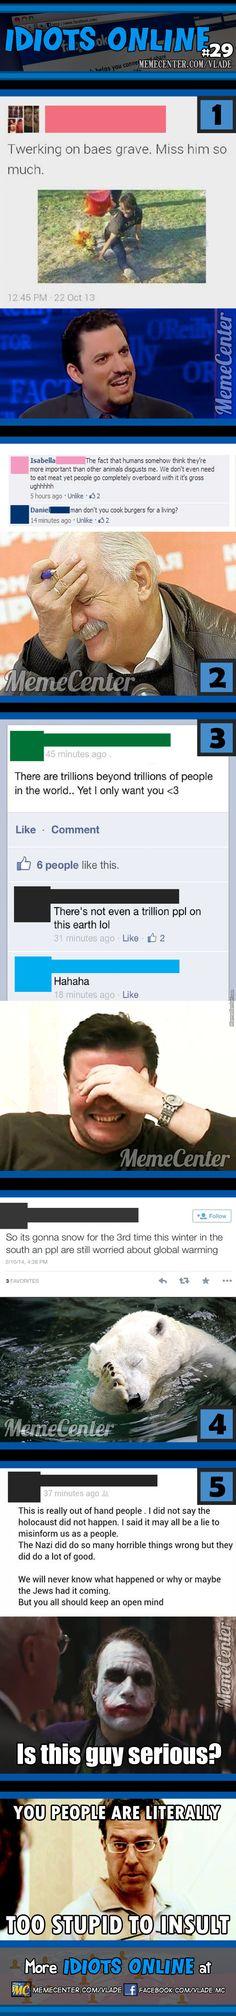 Idiots online 29